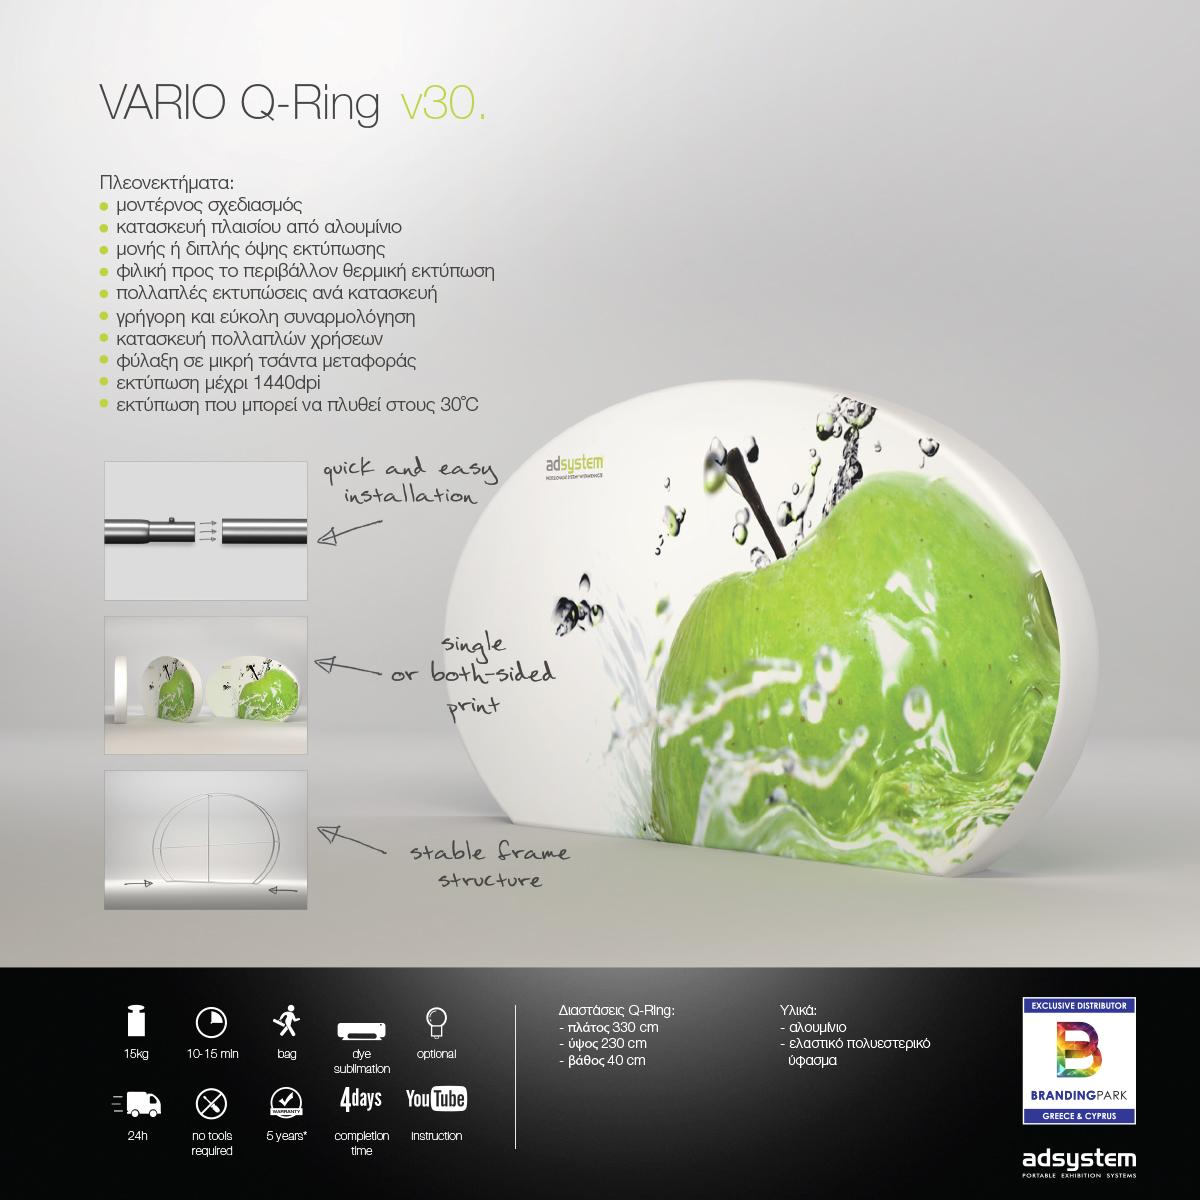 Υφασμάτινος τοίχος προβολής - backdrop, Vario Q-Ring v30.